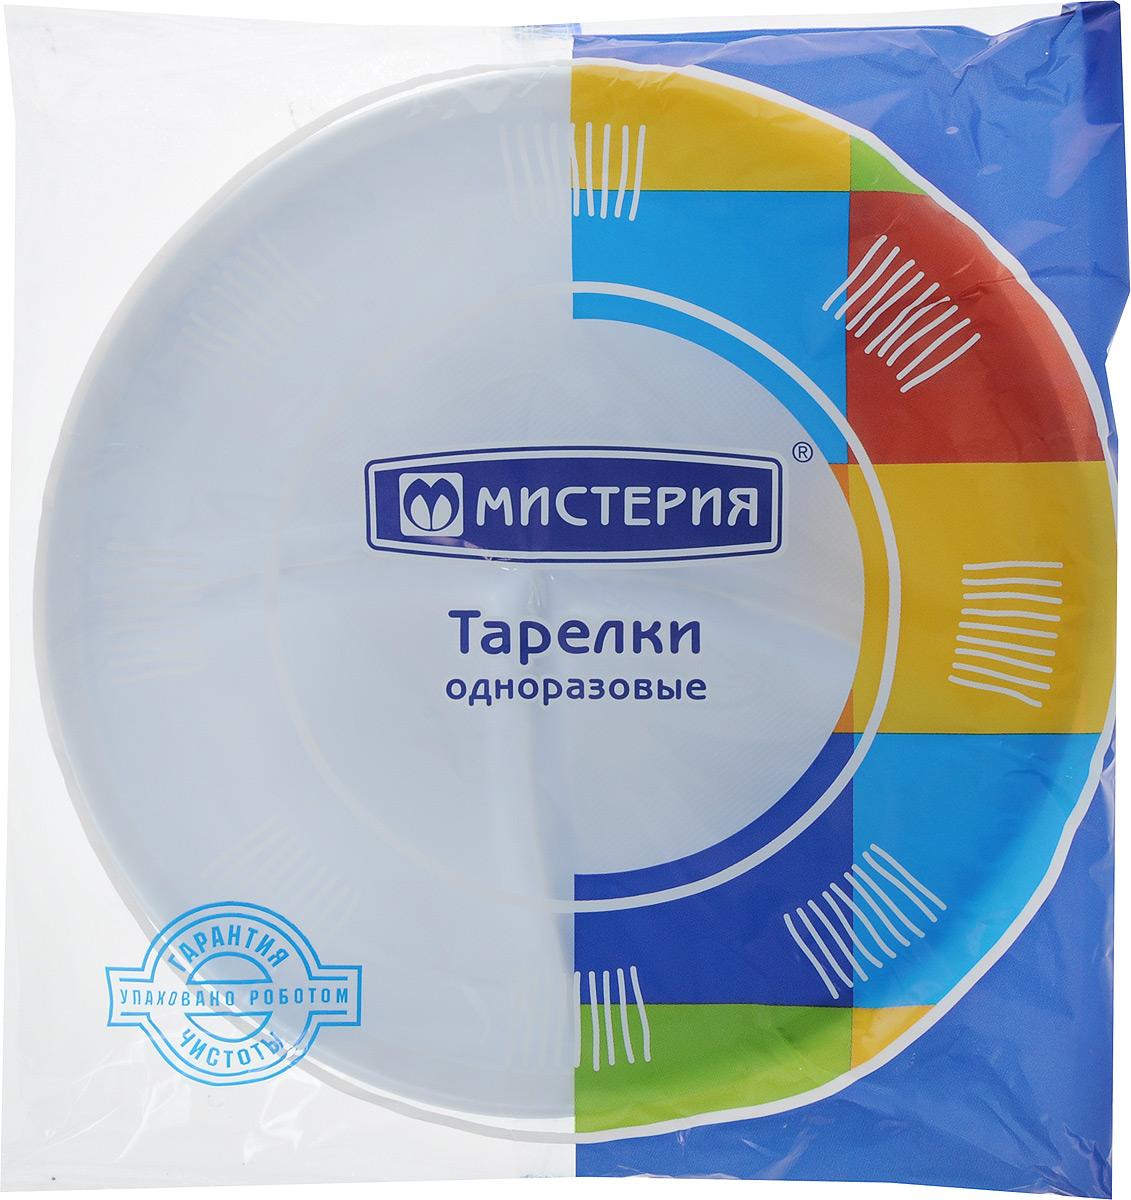 Набор одноразовых тарелок Мистерия, 3 секции, диаметр 21 см, 12 шт181232Набор Мистерия состоит из 12 круглых тарелок, выполненных из полистирола и предназначенных для одноразового использования. Подходят для пищевых продуктов и имеют 3 секции. Одноразовые тарелки будут незаменимы при поездках на природу, пикниках и других мероприятиях. Они не займут много места, легки и самое главное - после использования их не надо мыть.Диаметр тарелки: 21 см.Высота тарелки: 2 см.